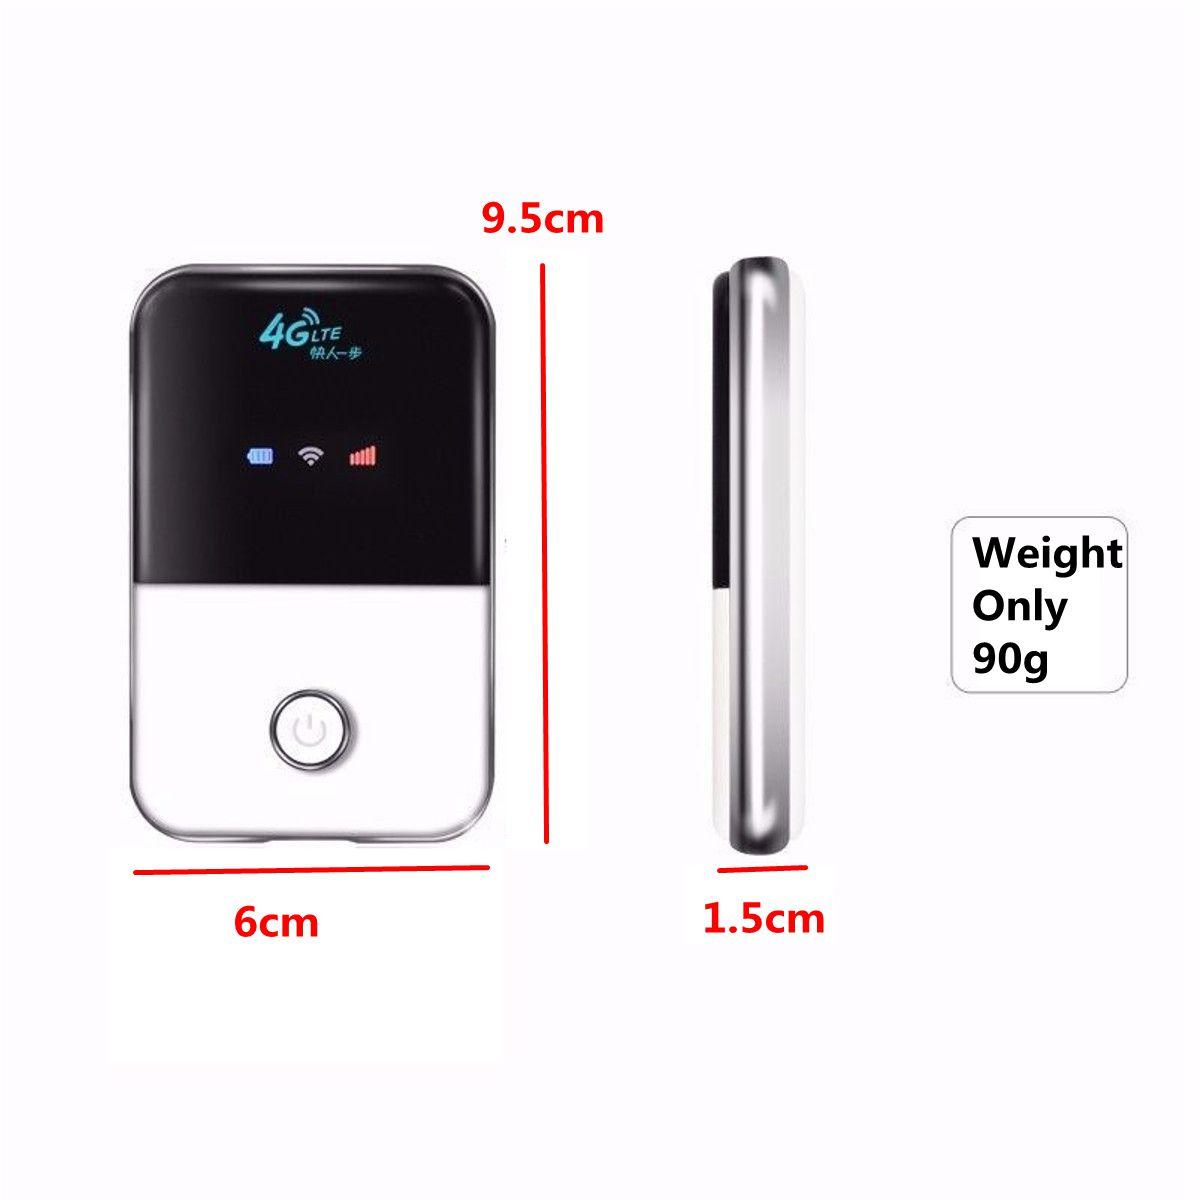 Router Portatile 3G 4G Wireless Senza Fili LTE 4G Router Mobile Hotspot WiFi con Slot per Scheda